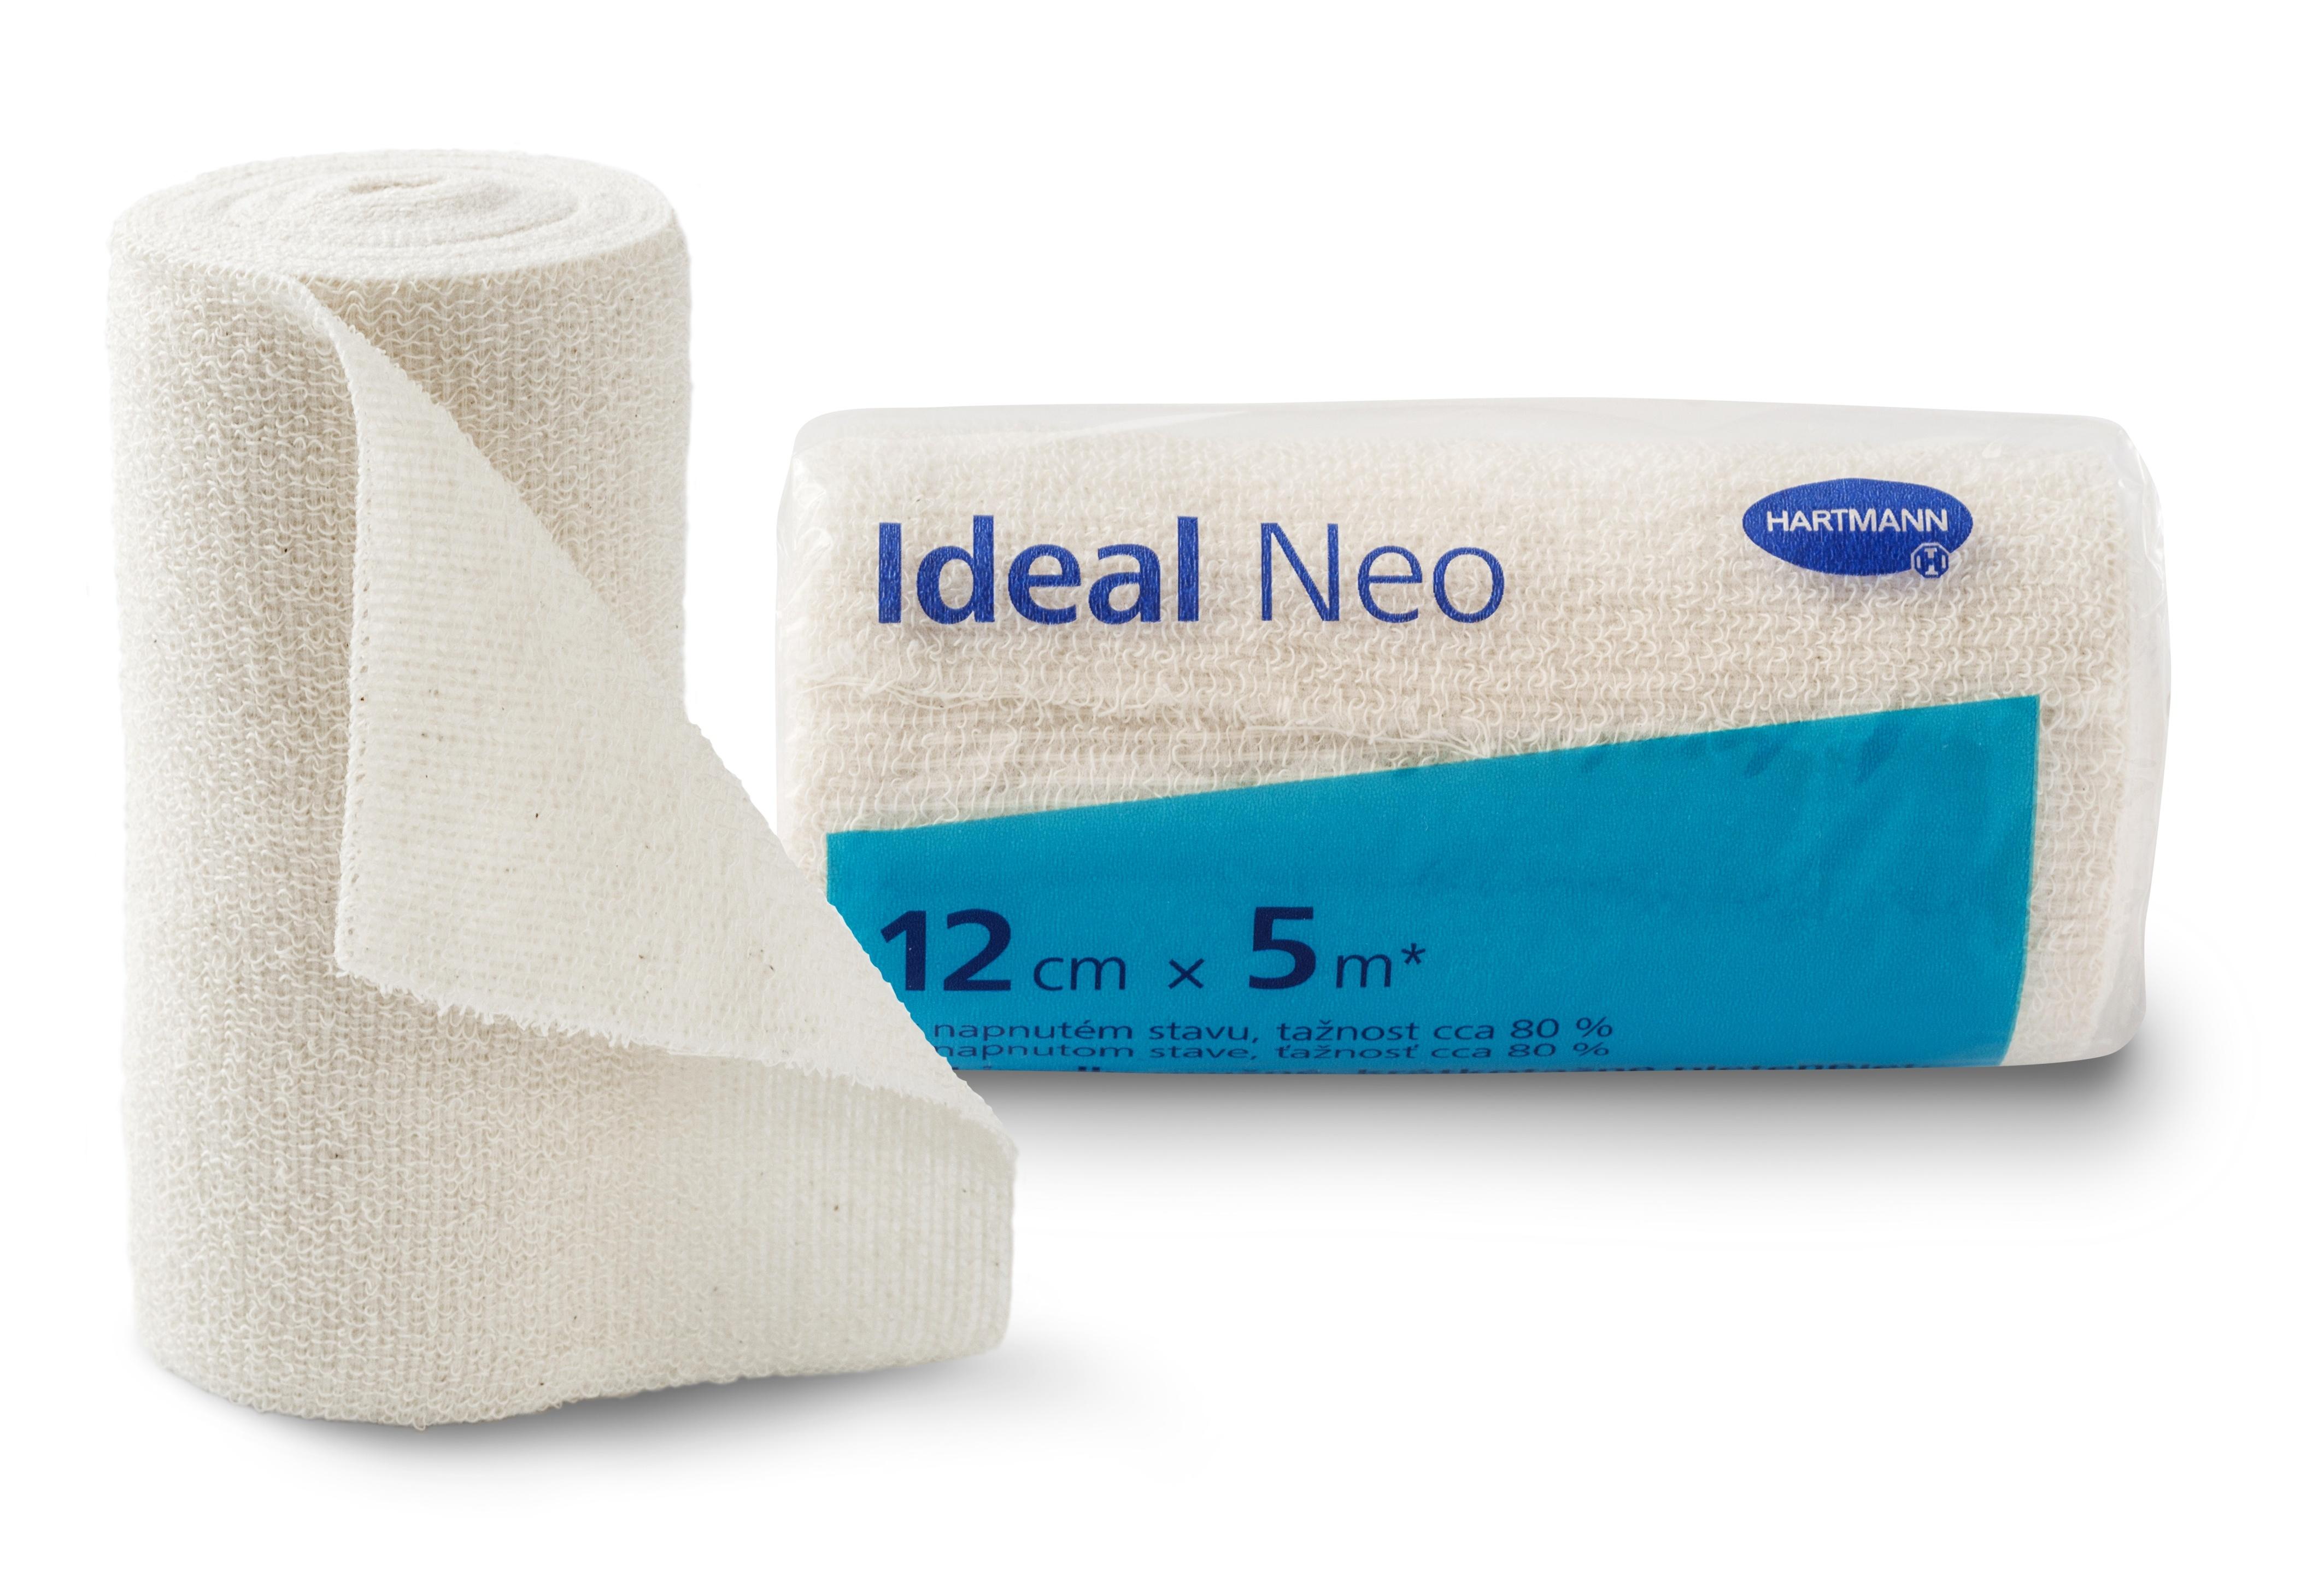 Elastické obinadlo Ideal Neo 12 cm × 5 m vhodné pro ošetřování onemocnění žilního a lymfatického systému